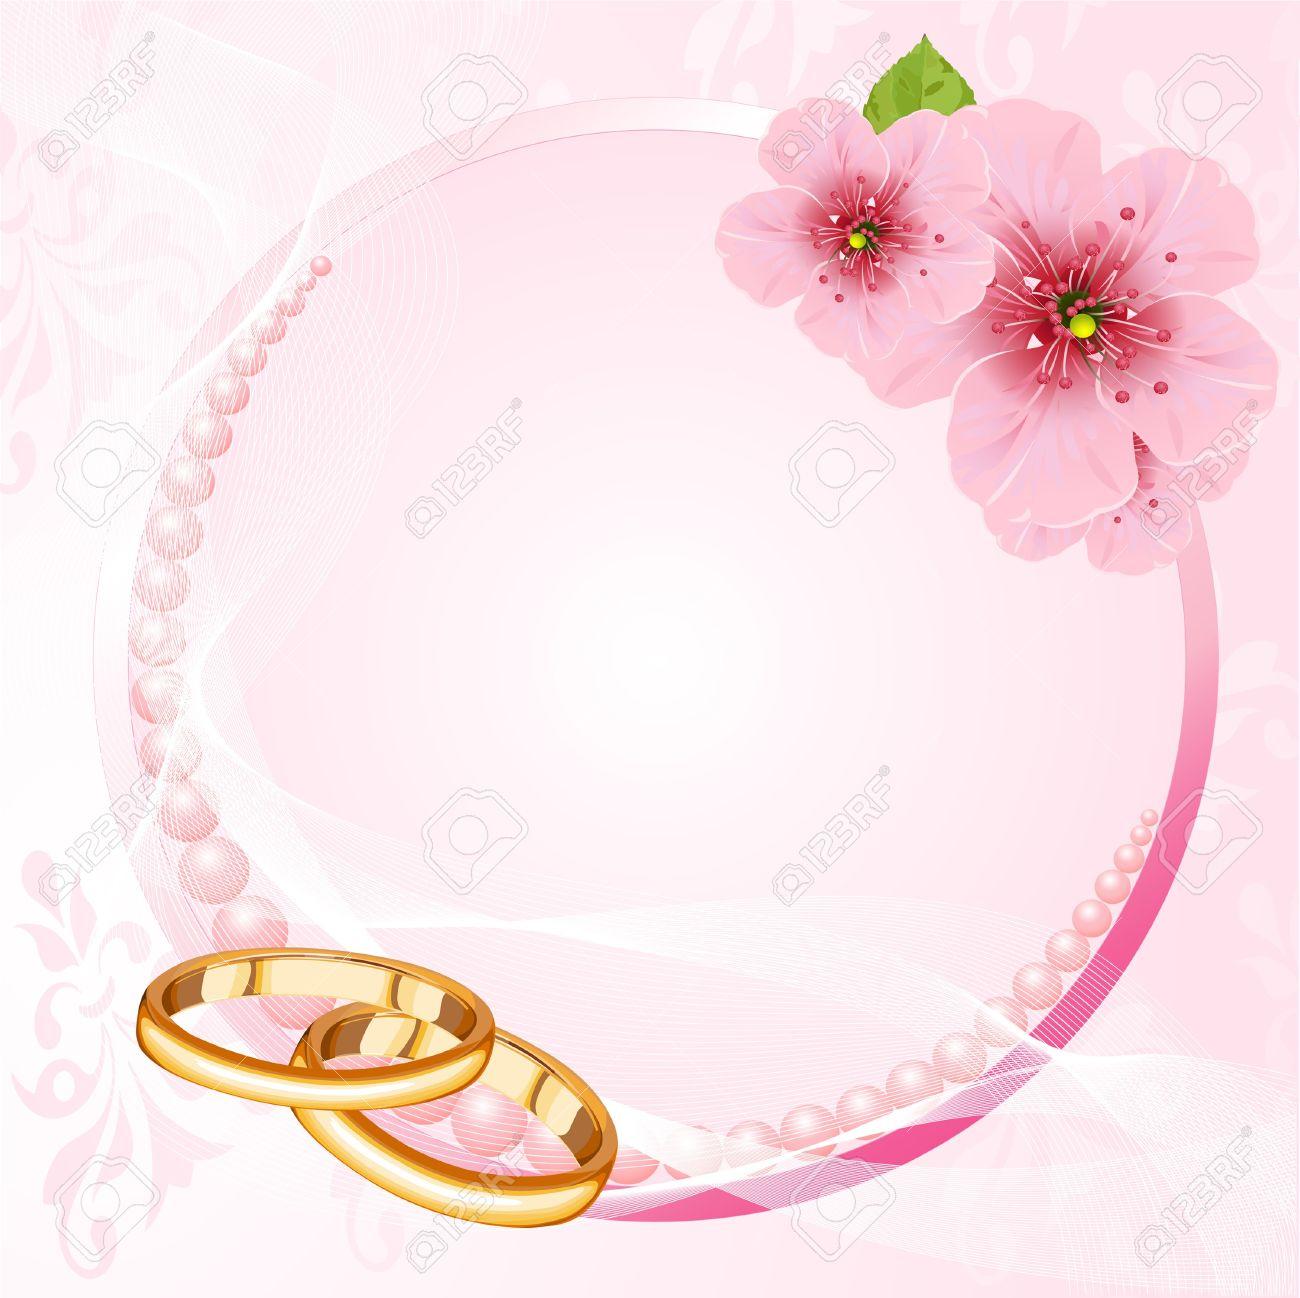 wedding ring wallpaper pink wedding rings wedding engagement ring jewelry decoration ribbon pink wallpaper